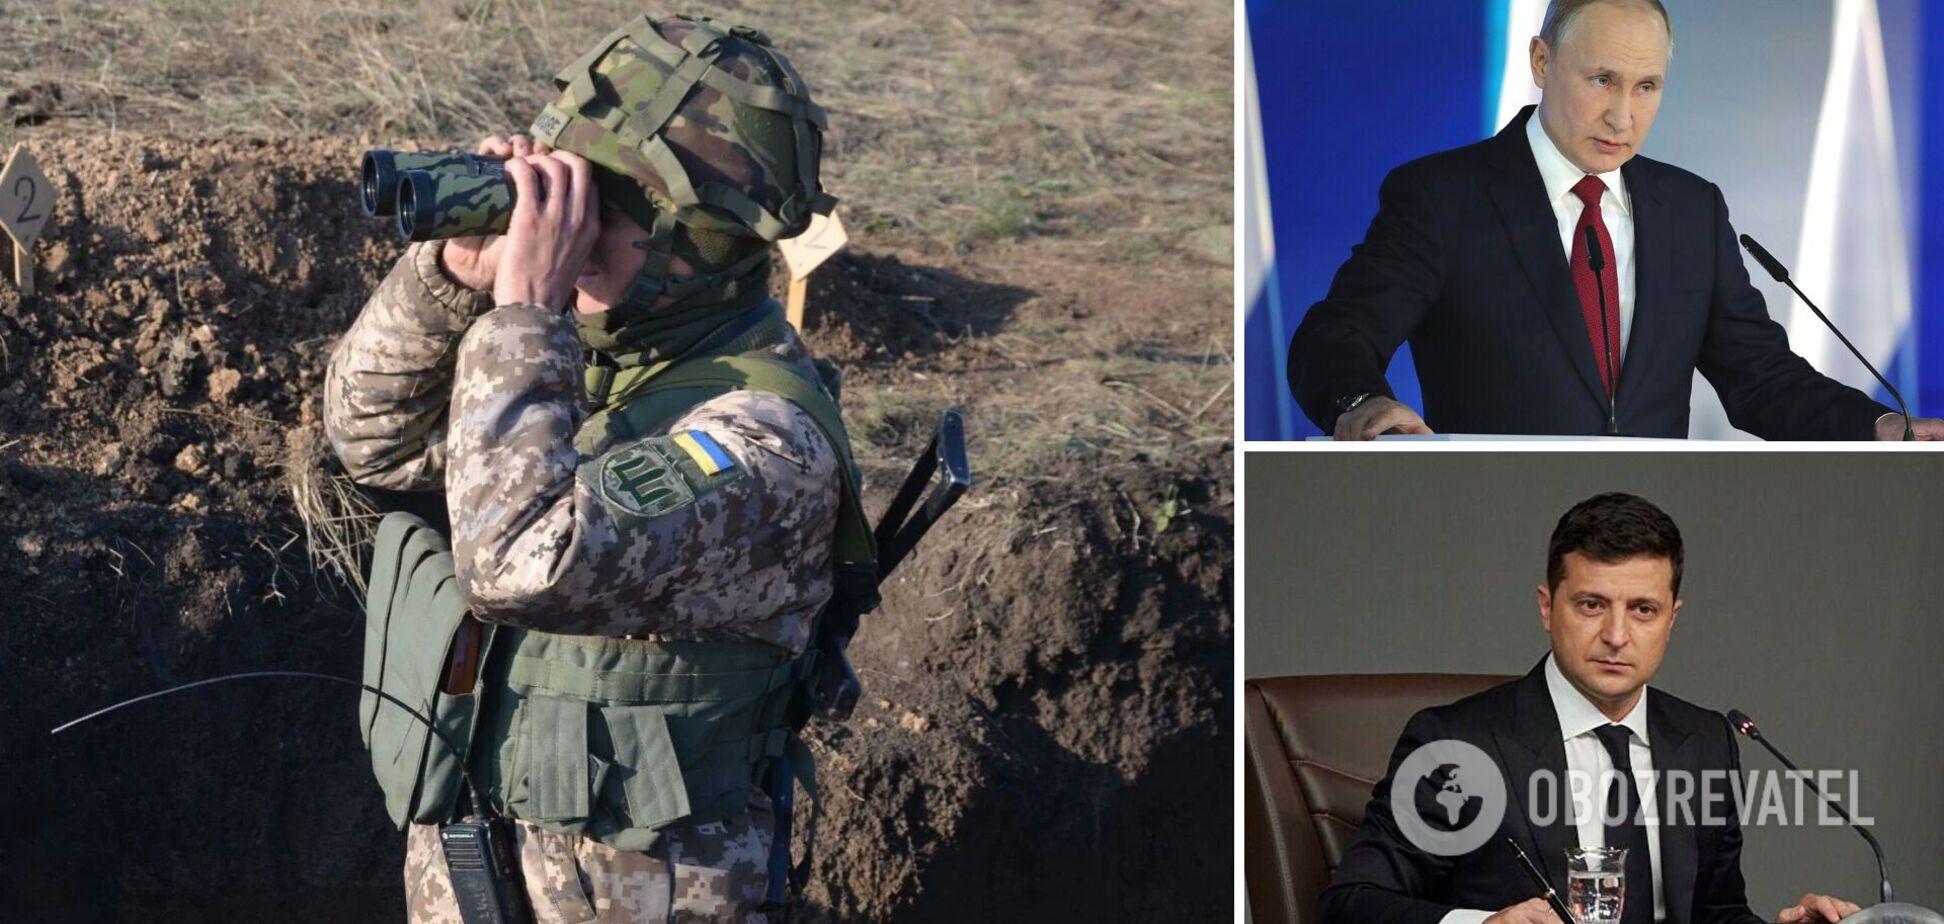 Зеленский давал Путину год, время уже истекло: чего добились на Донбассе и что будет дальше